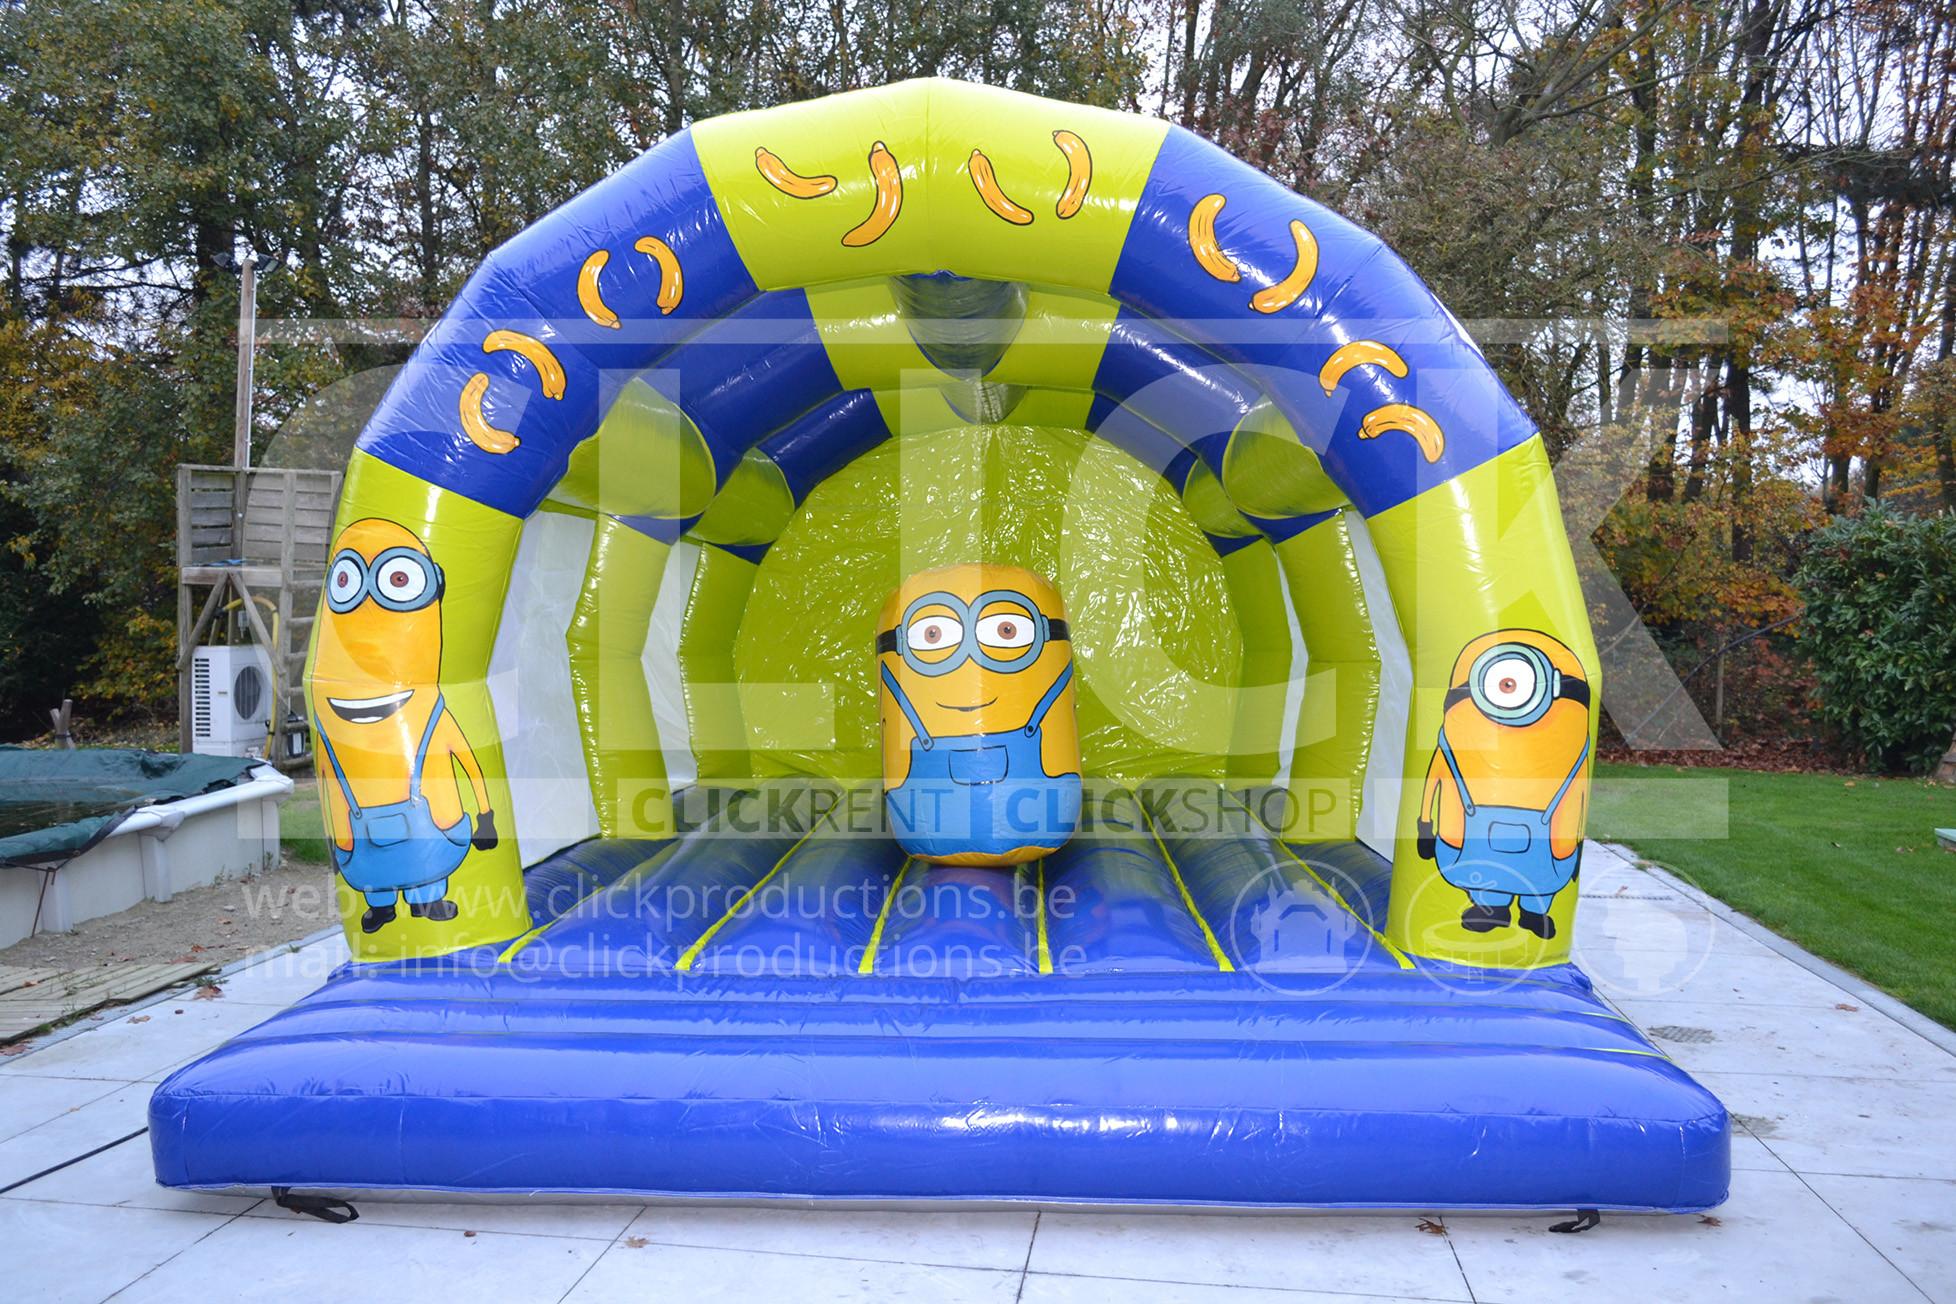 Springkasteel Minions Obstakels huren  u2022 Click Rent